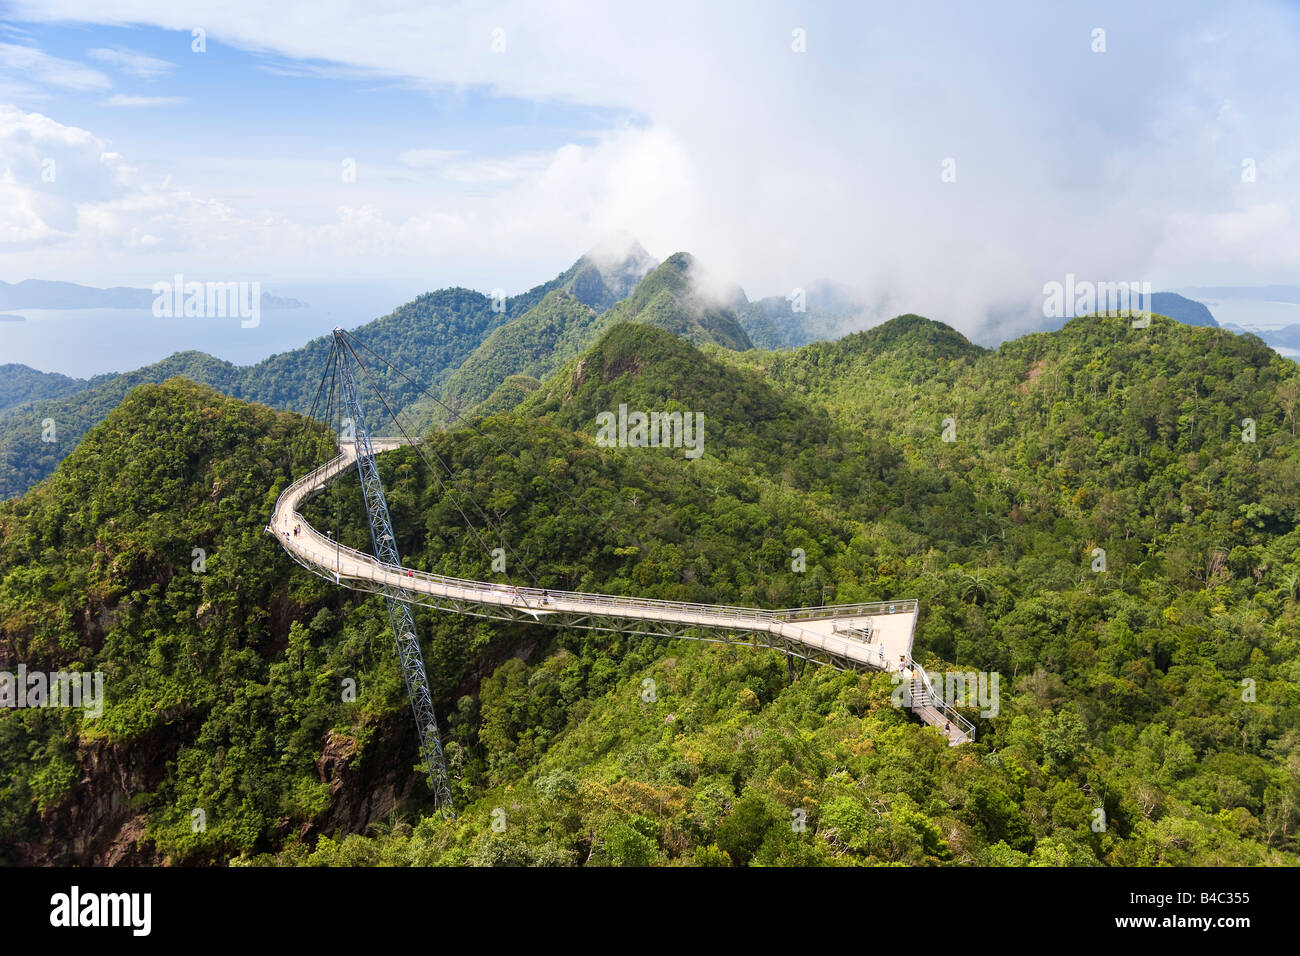 Asia, Malaysia, l'Isola di Langkawi, Pulau Langkawi, a sospensione passerella sopra il baldacchino della foresta Immagini Stock